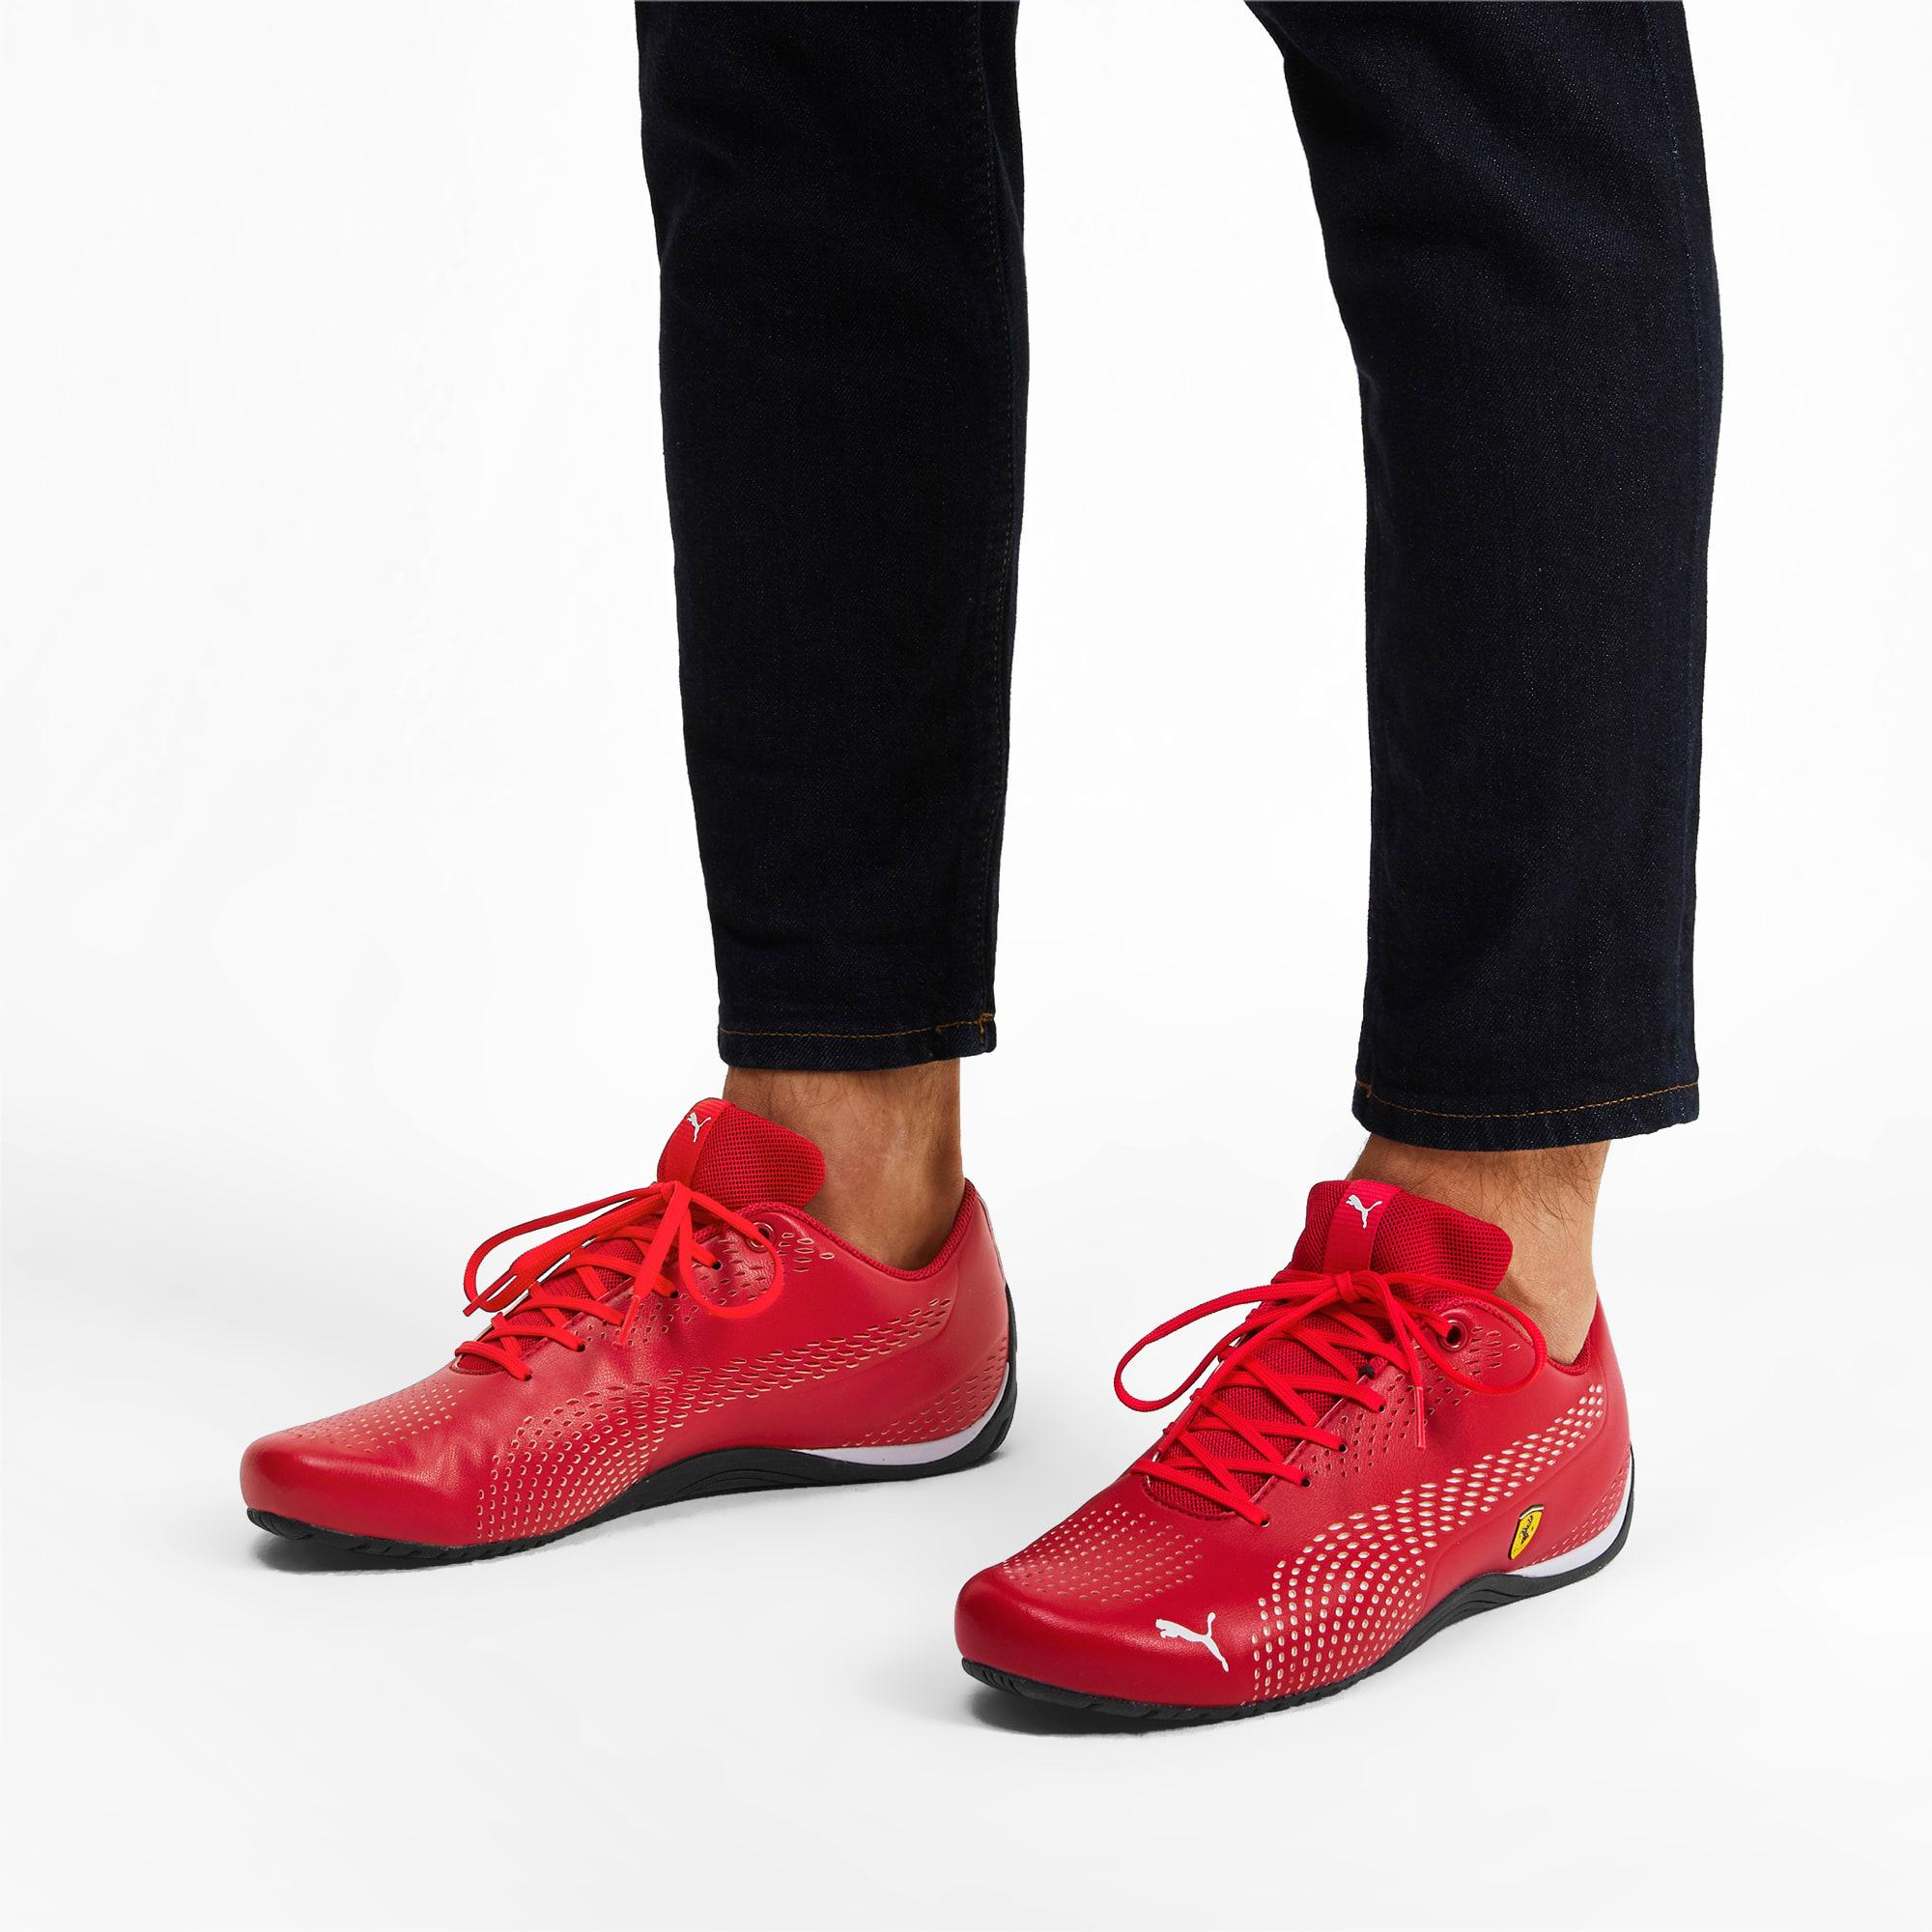 PUMA Drift Cat 5 Ultra II Sneaker Unisex Schuhe Sport Classics Neu